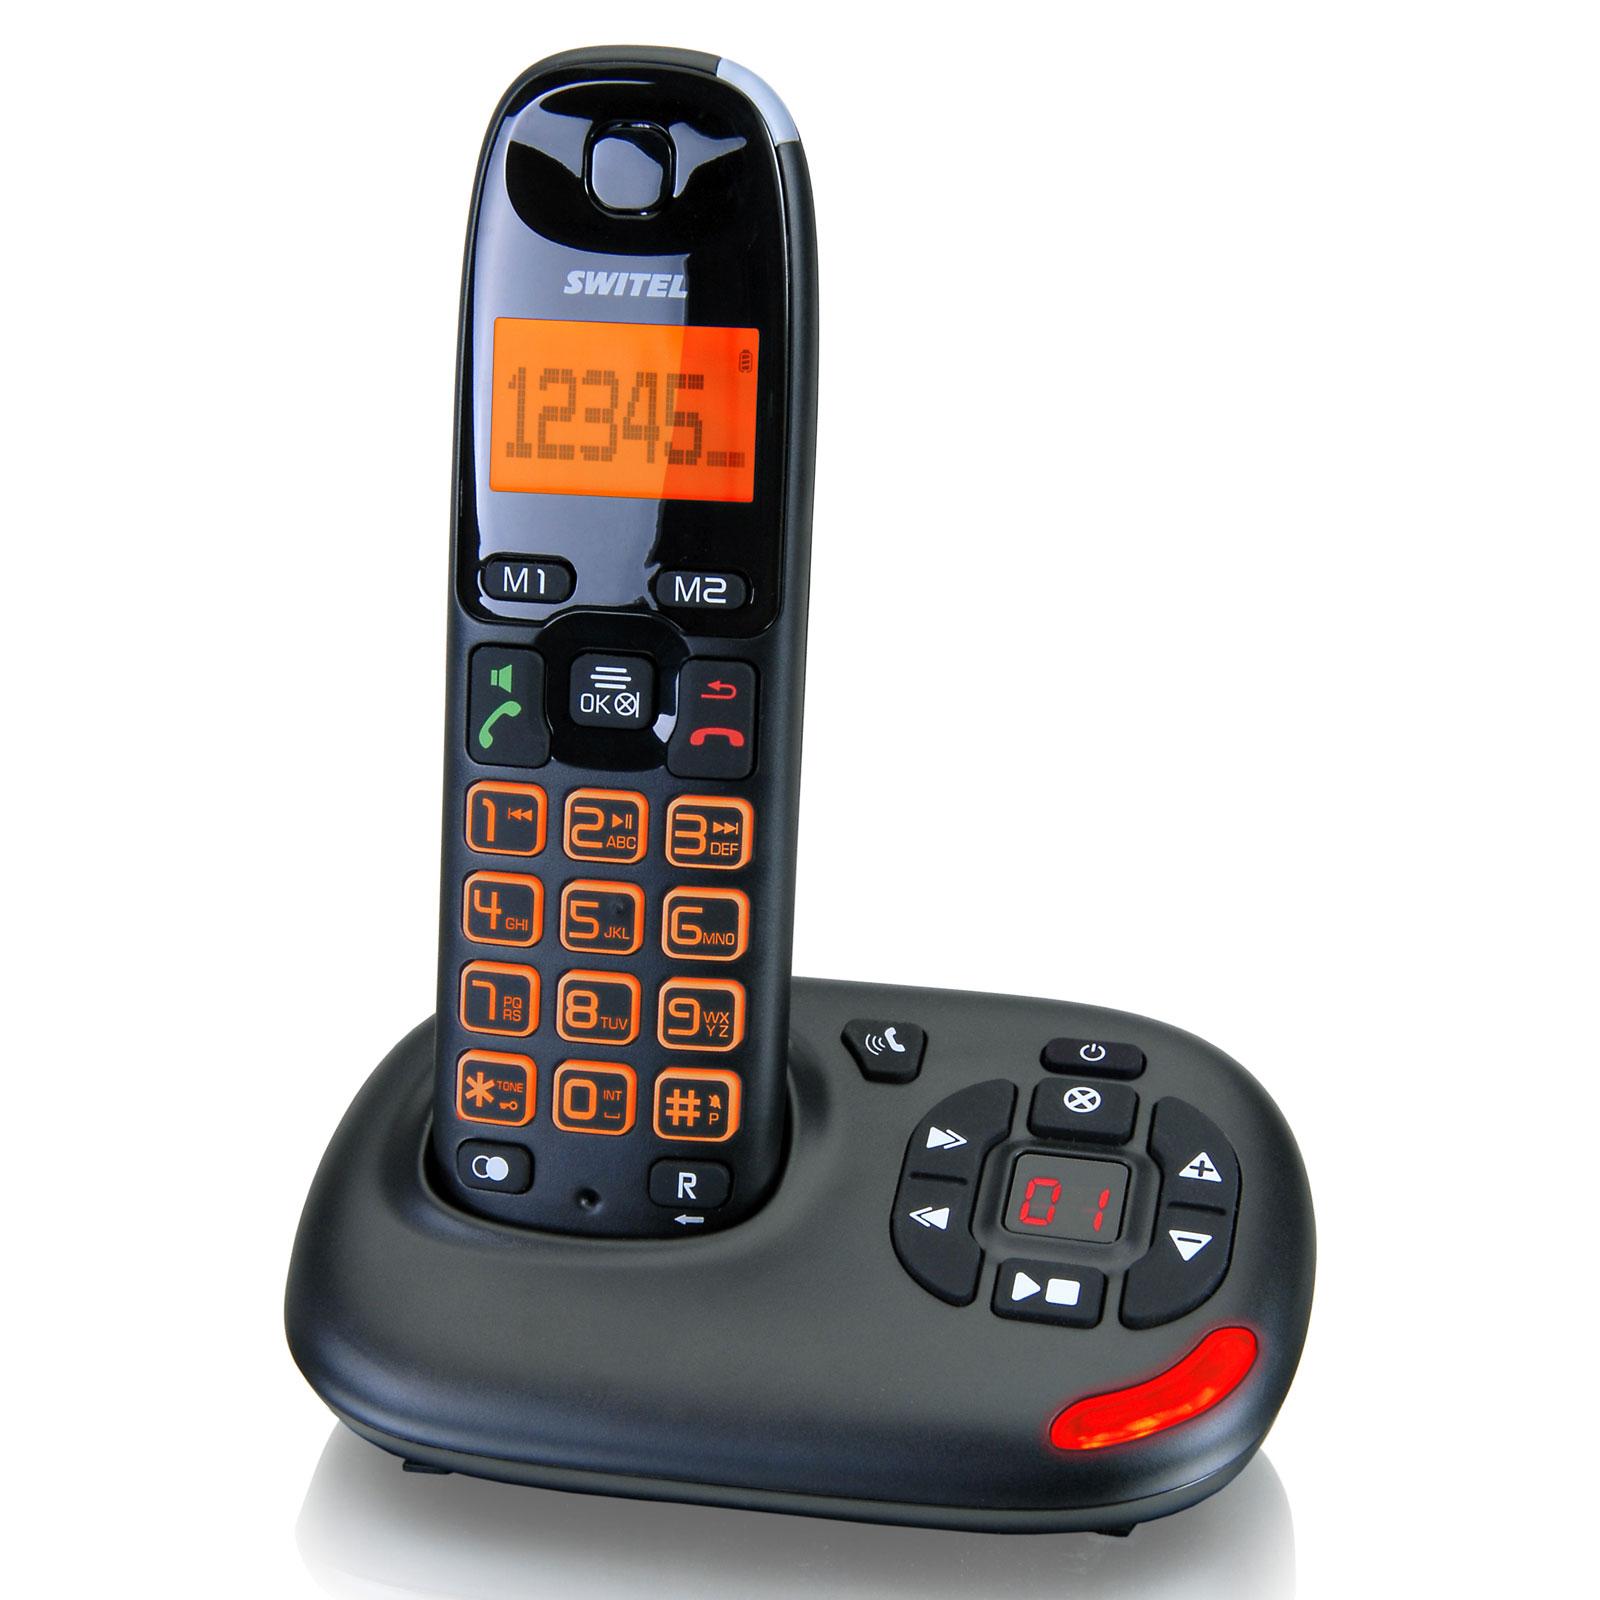 Téléphone sans fil Switel DCT 50071 Vita Téléphone DECT sans fil amplifié avec répondeur - Touches et écran XL (version française)